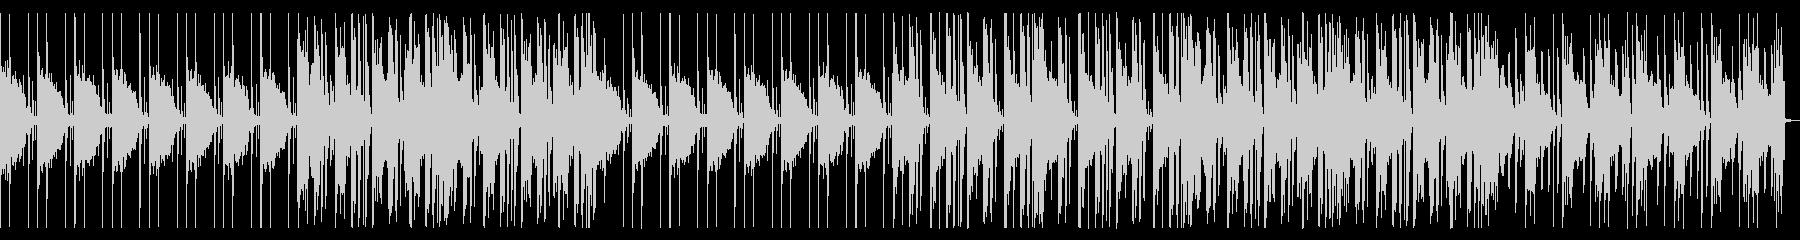 ビートの強いR&B_No673_1の未再生の波形